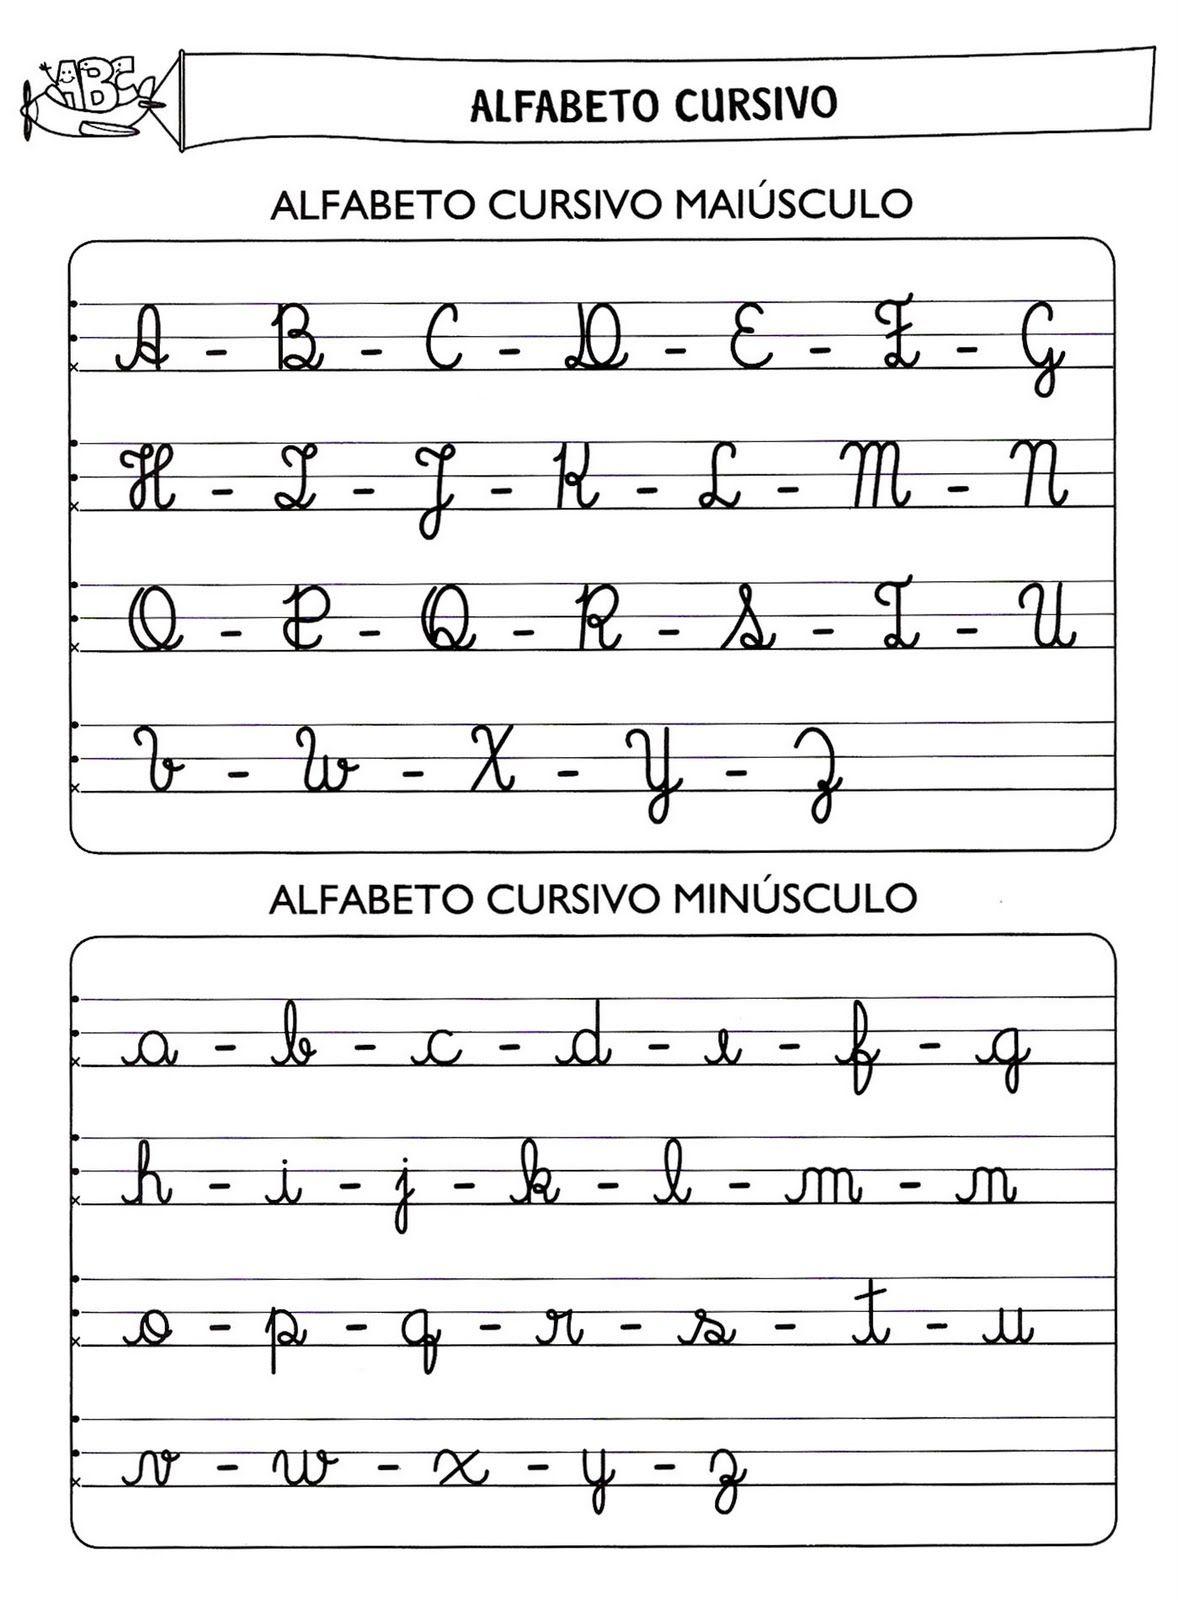 Abecedario Caligrafia Cursiva Para Imprimir Imagui Letra Cursiva Alfabeto Abecedario Letra Cursiva Abecedario En Cursiva